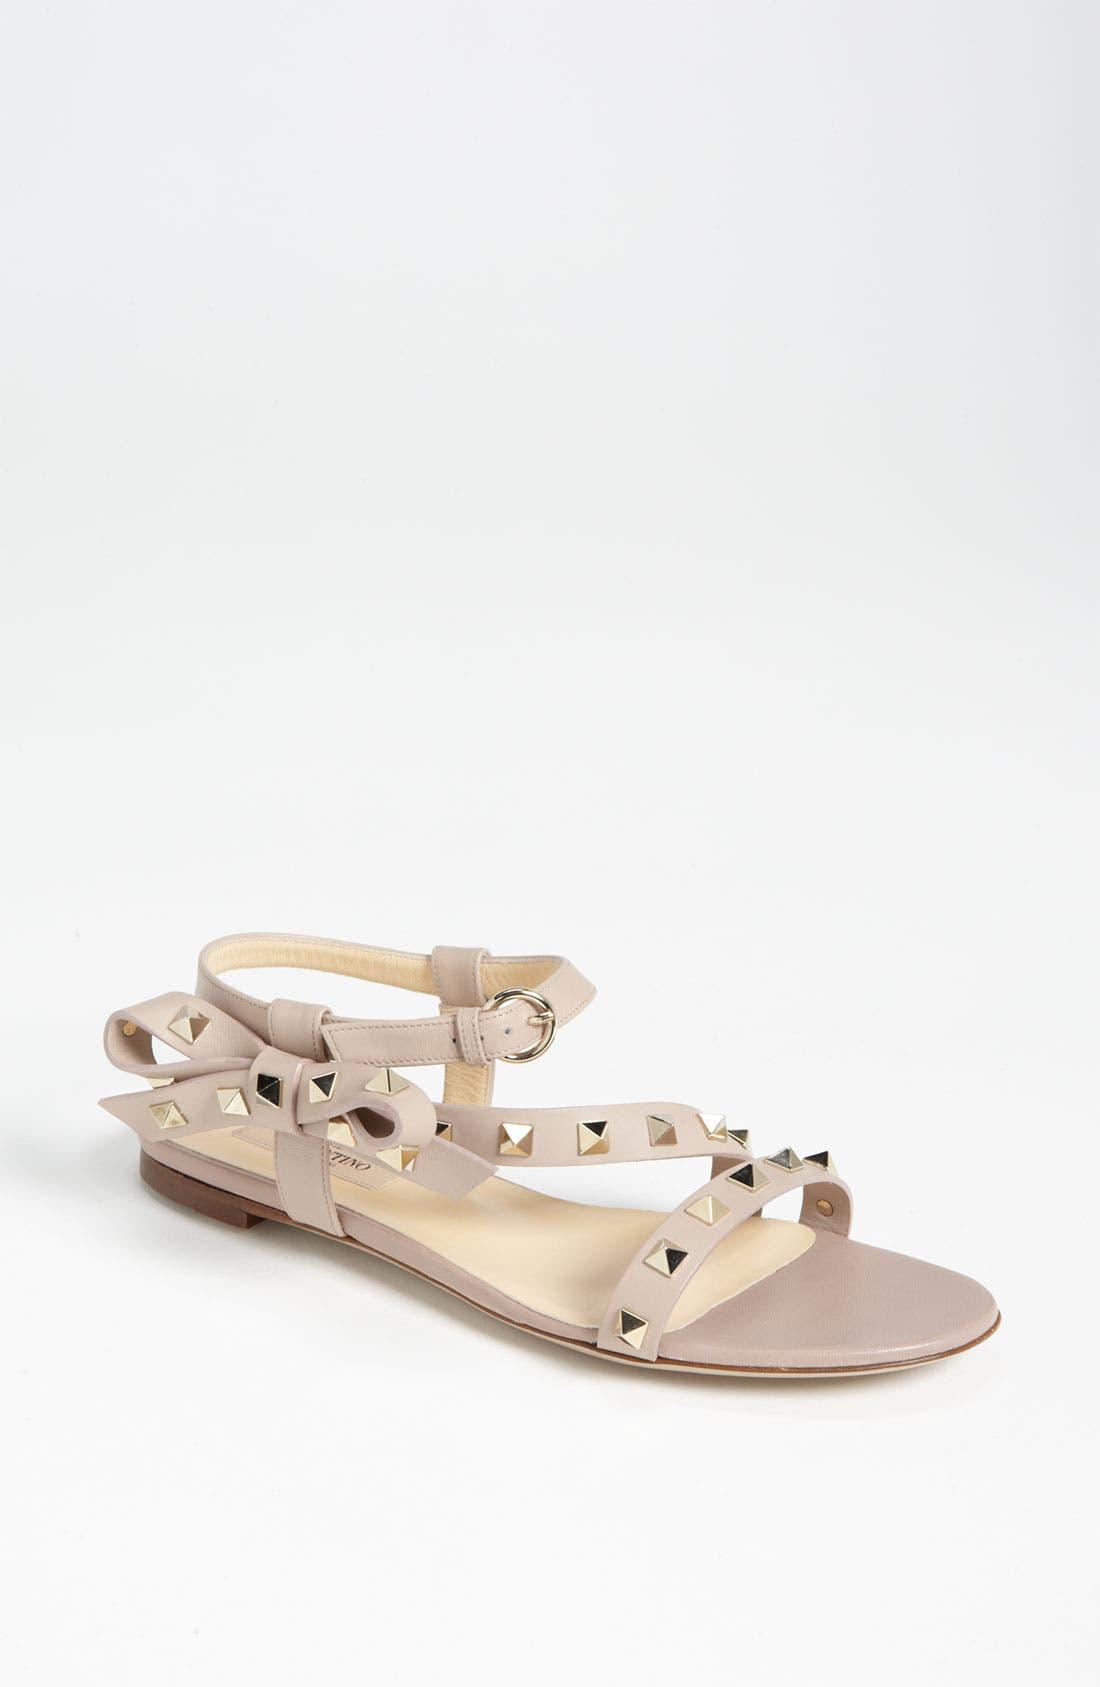 Alternate Image 1 Selected - VALENTINO GARAVANI 'Rockstud' Bow Flat Sandal